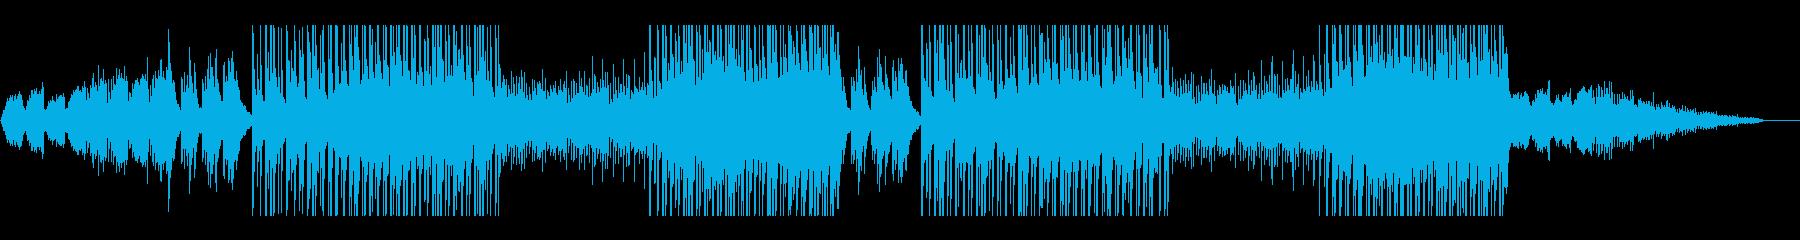 ピアノと弦楽器を使用した切ないトラックの再生済みの波形